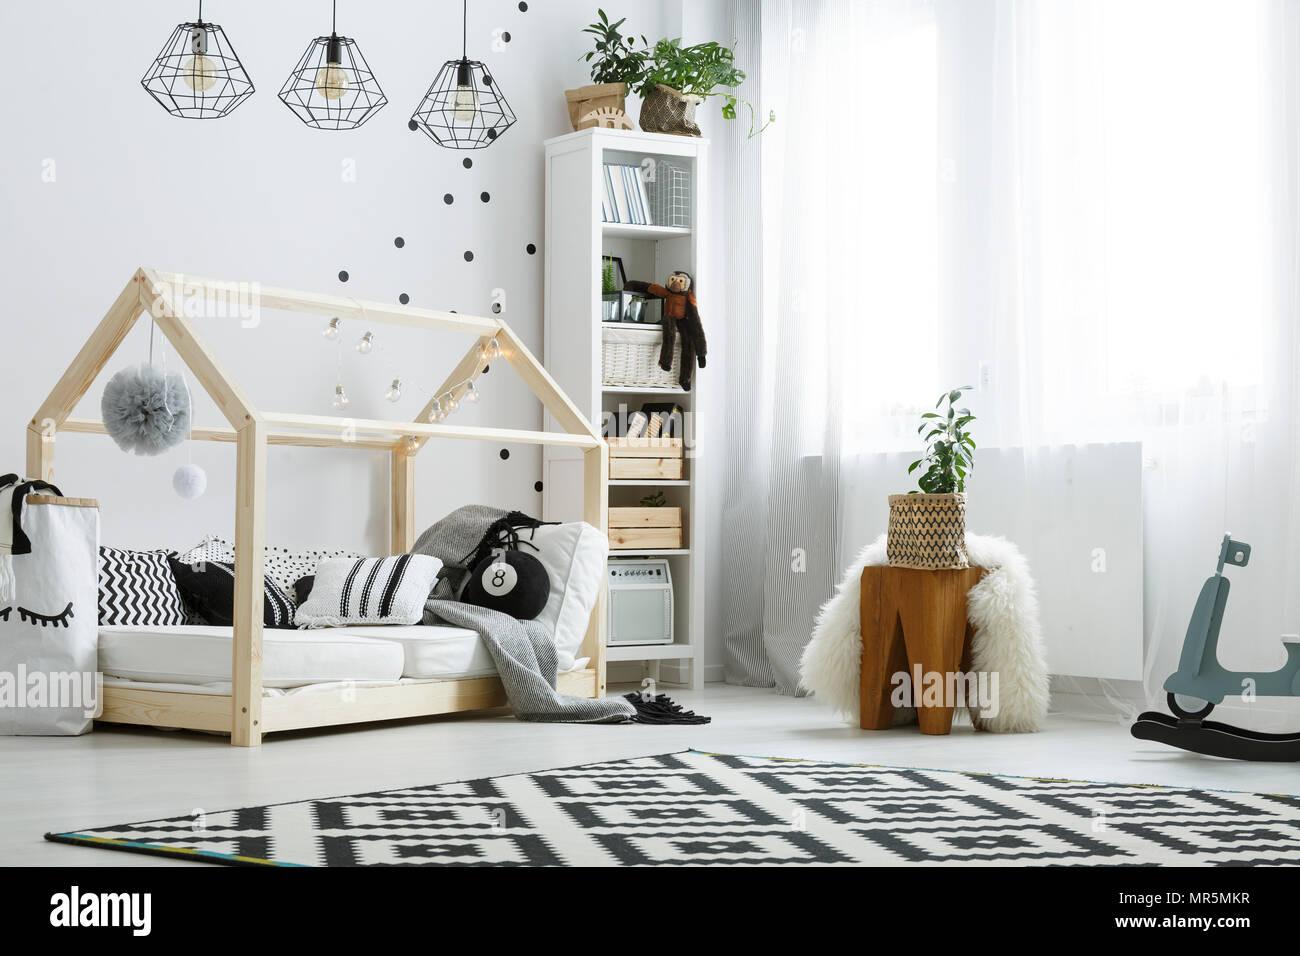 Camera da letto bianca con casa in legno letto lampade